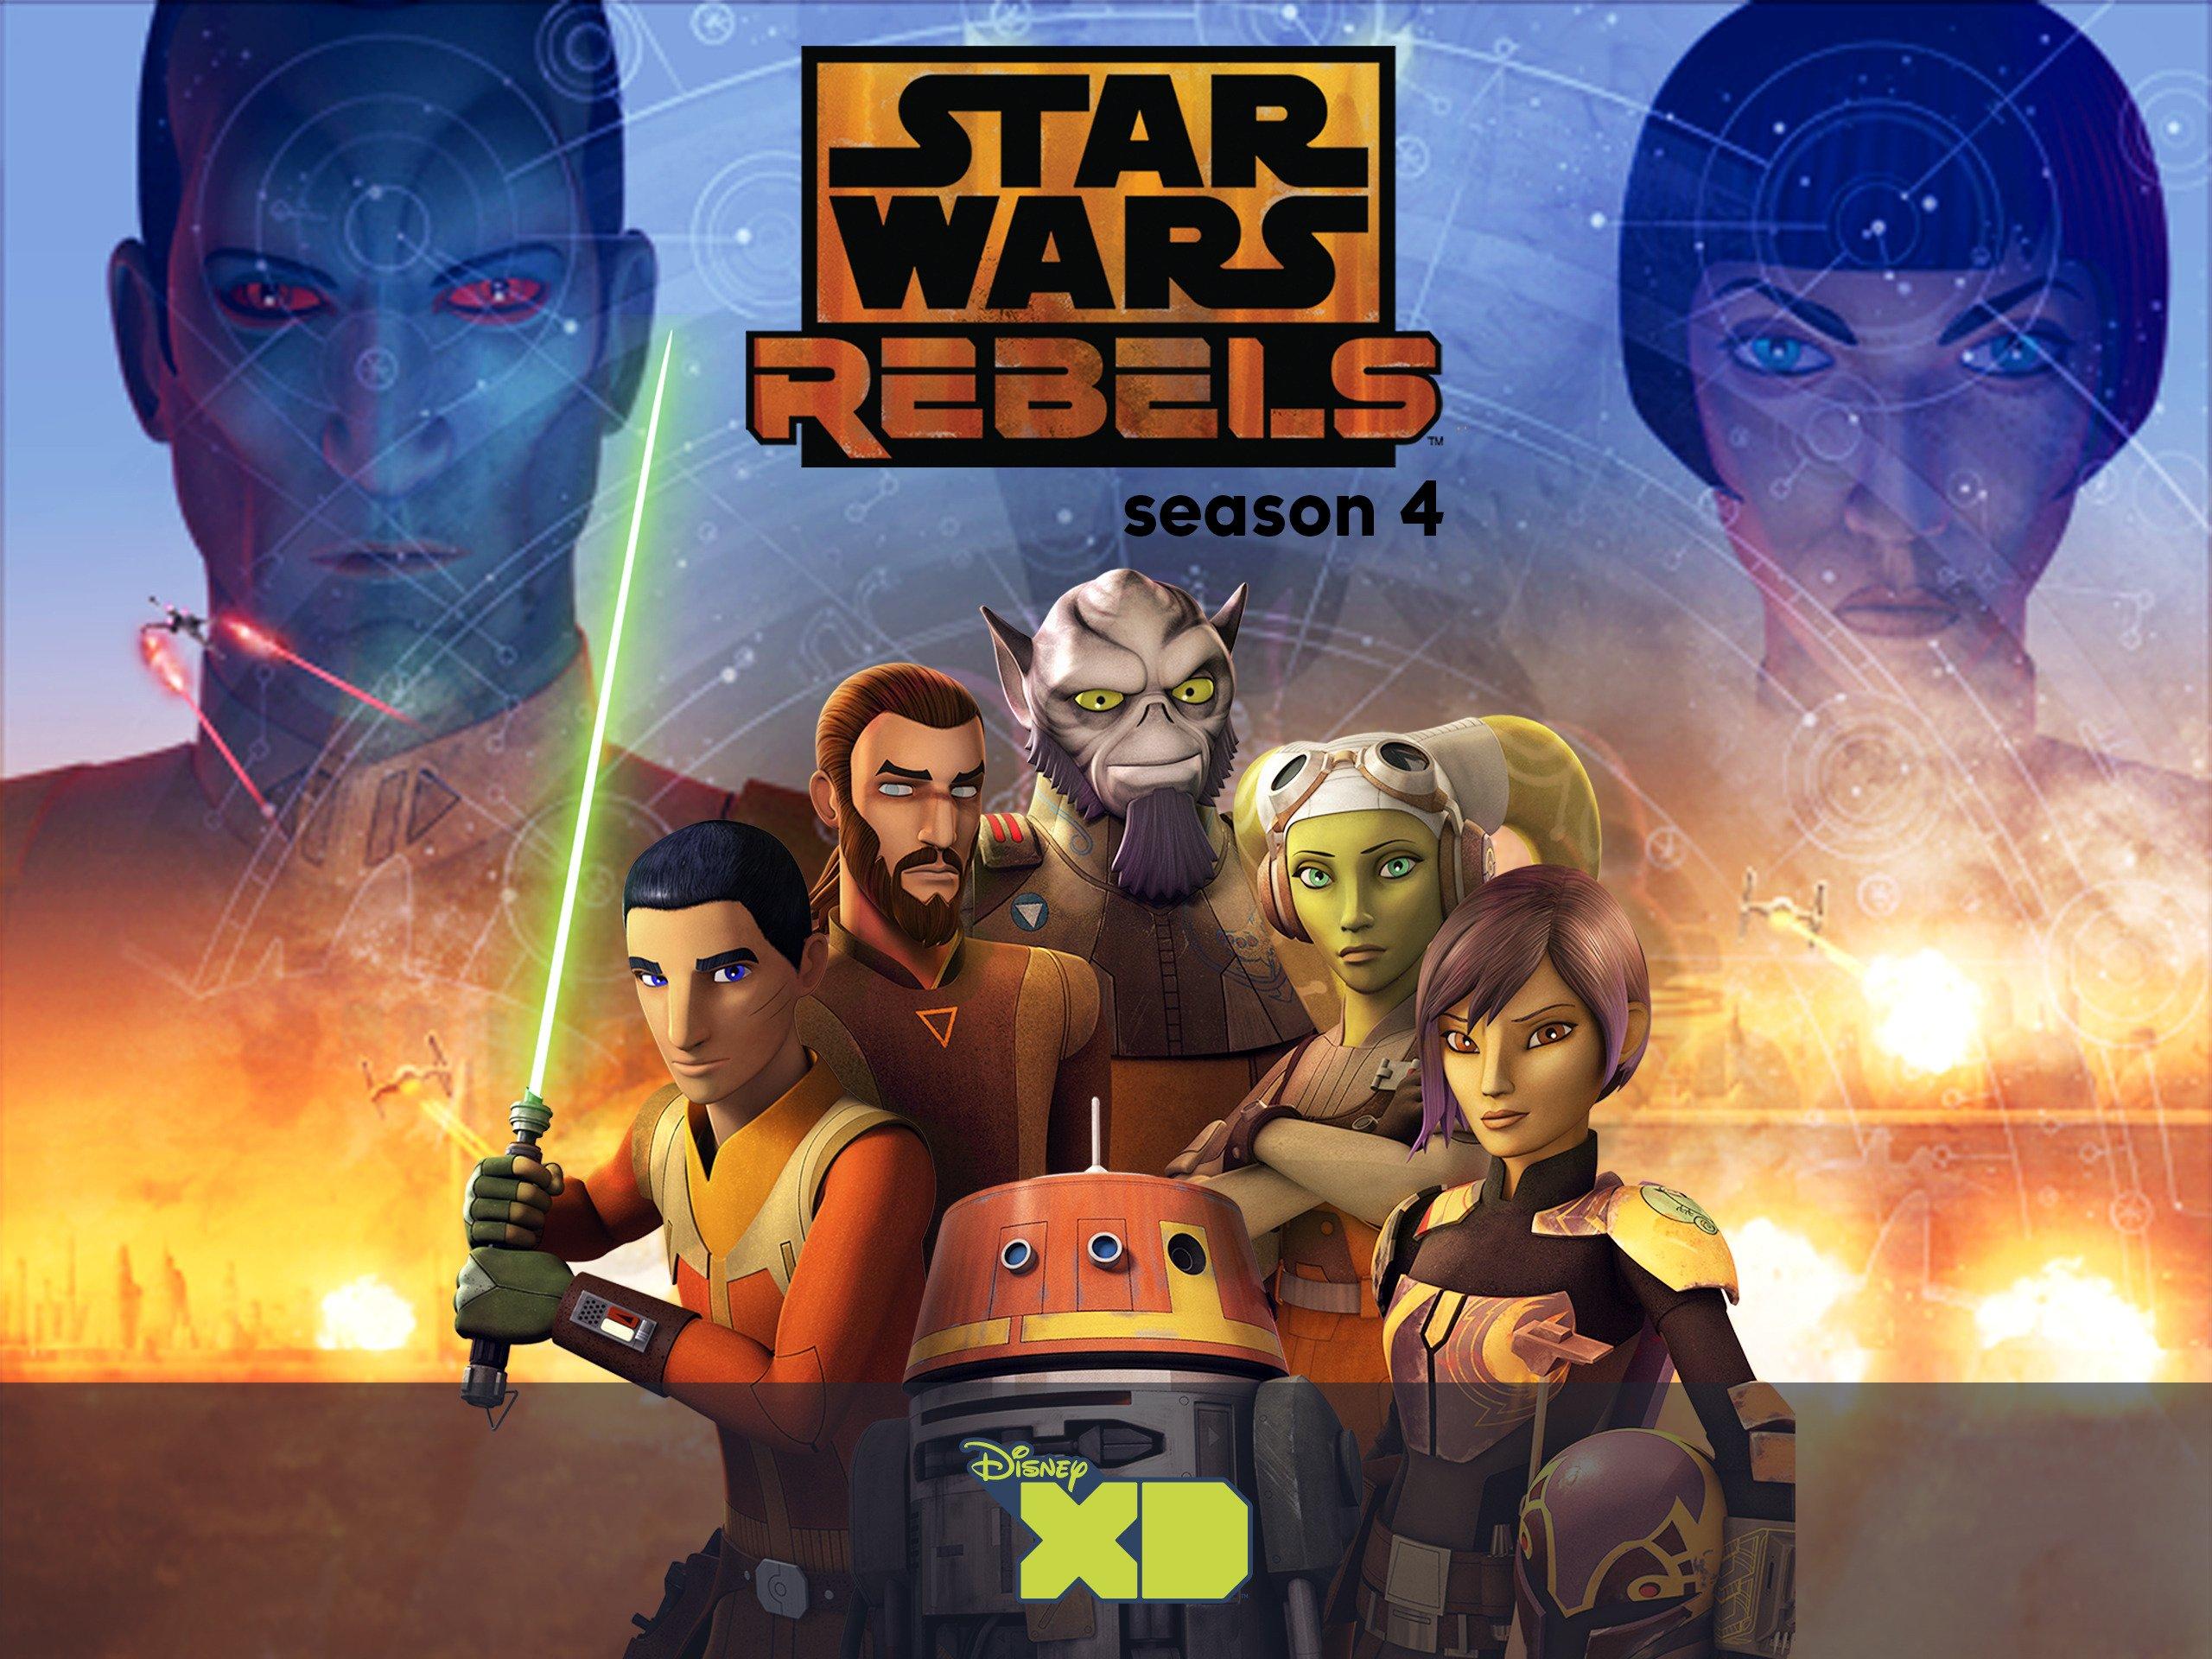 Watch Star Wars Rebels Season 4 Prime Video